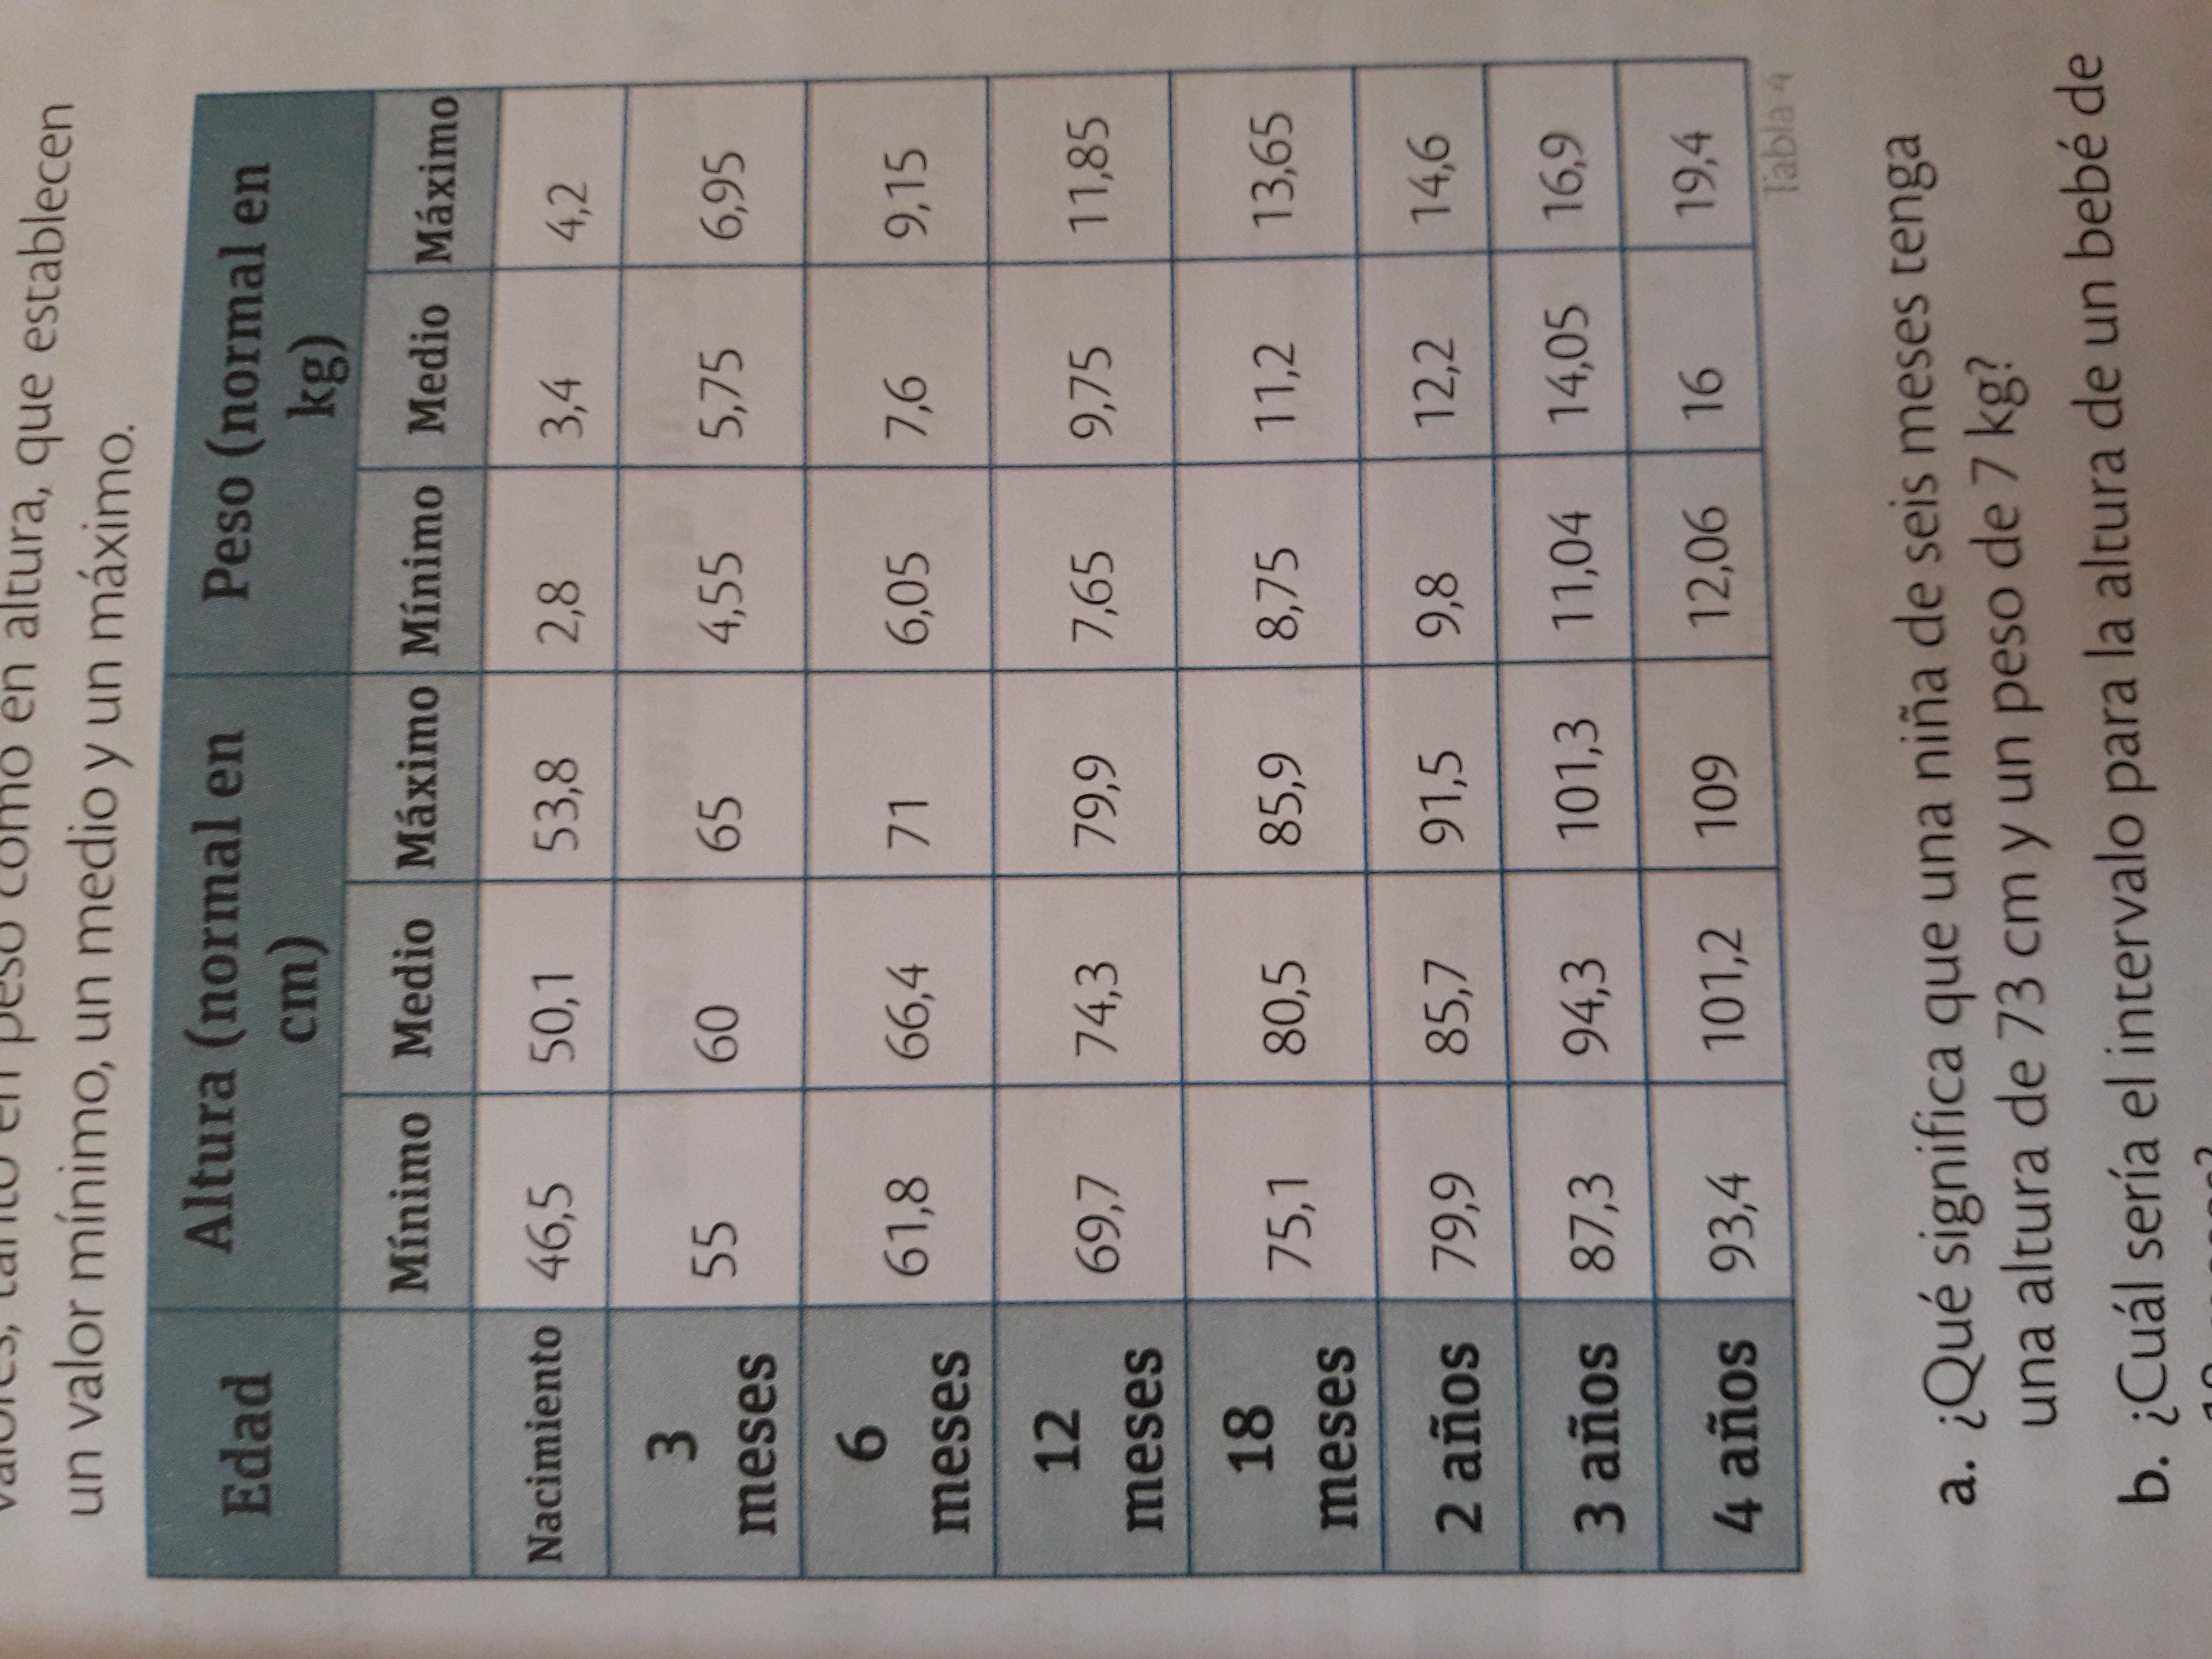 Tabla de relacion peso estatura y edad